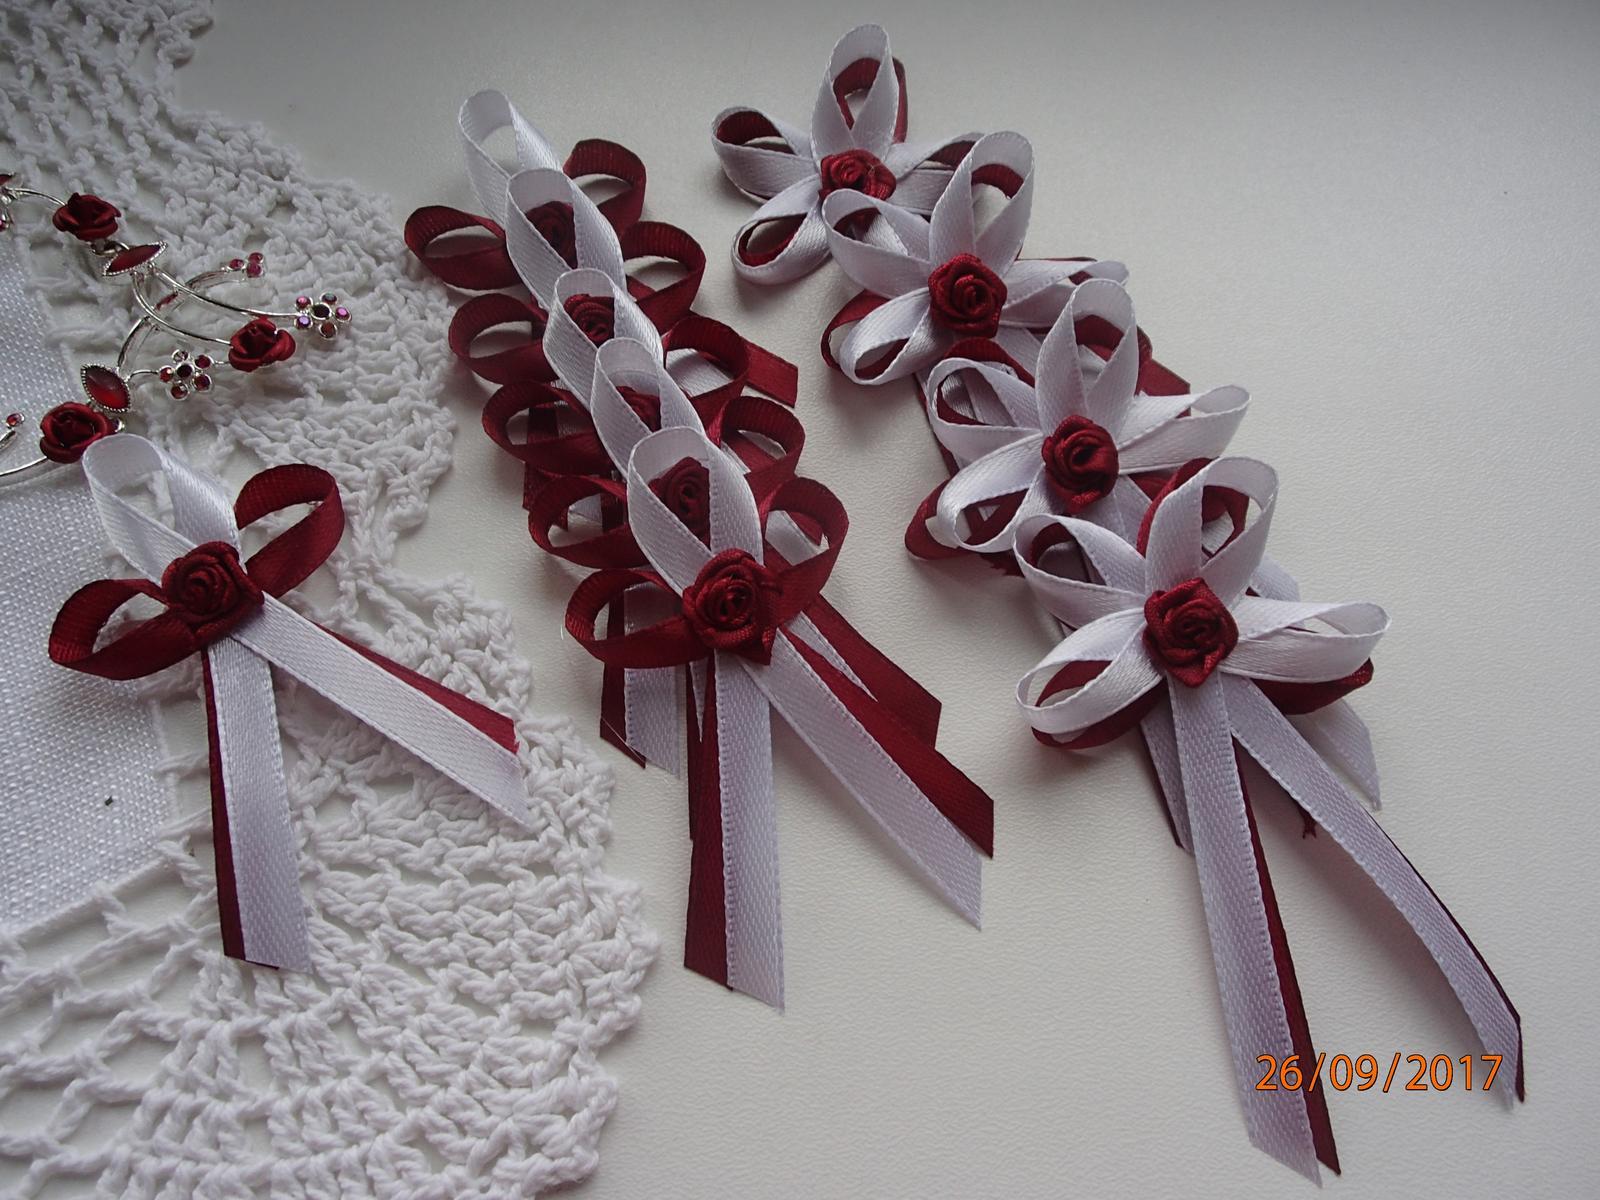 Svatební vývazky, polštářky, ozdoby do vlasů a podvazky... - Obrázek č. 3